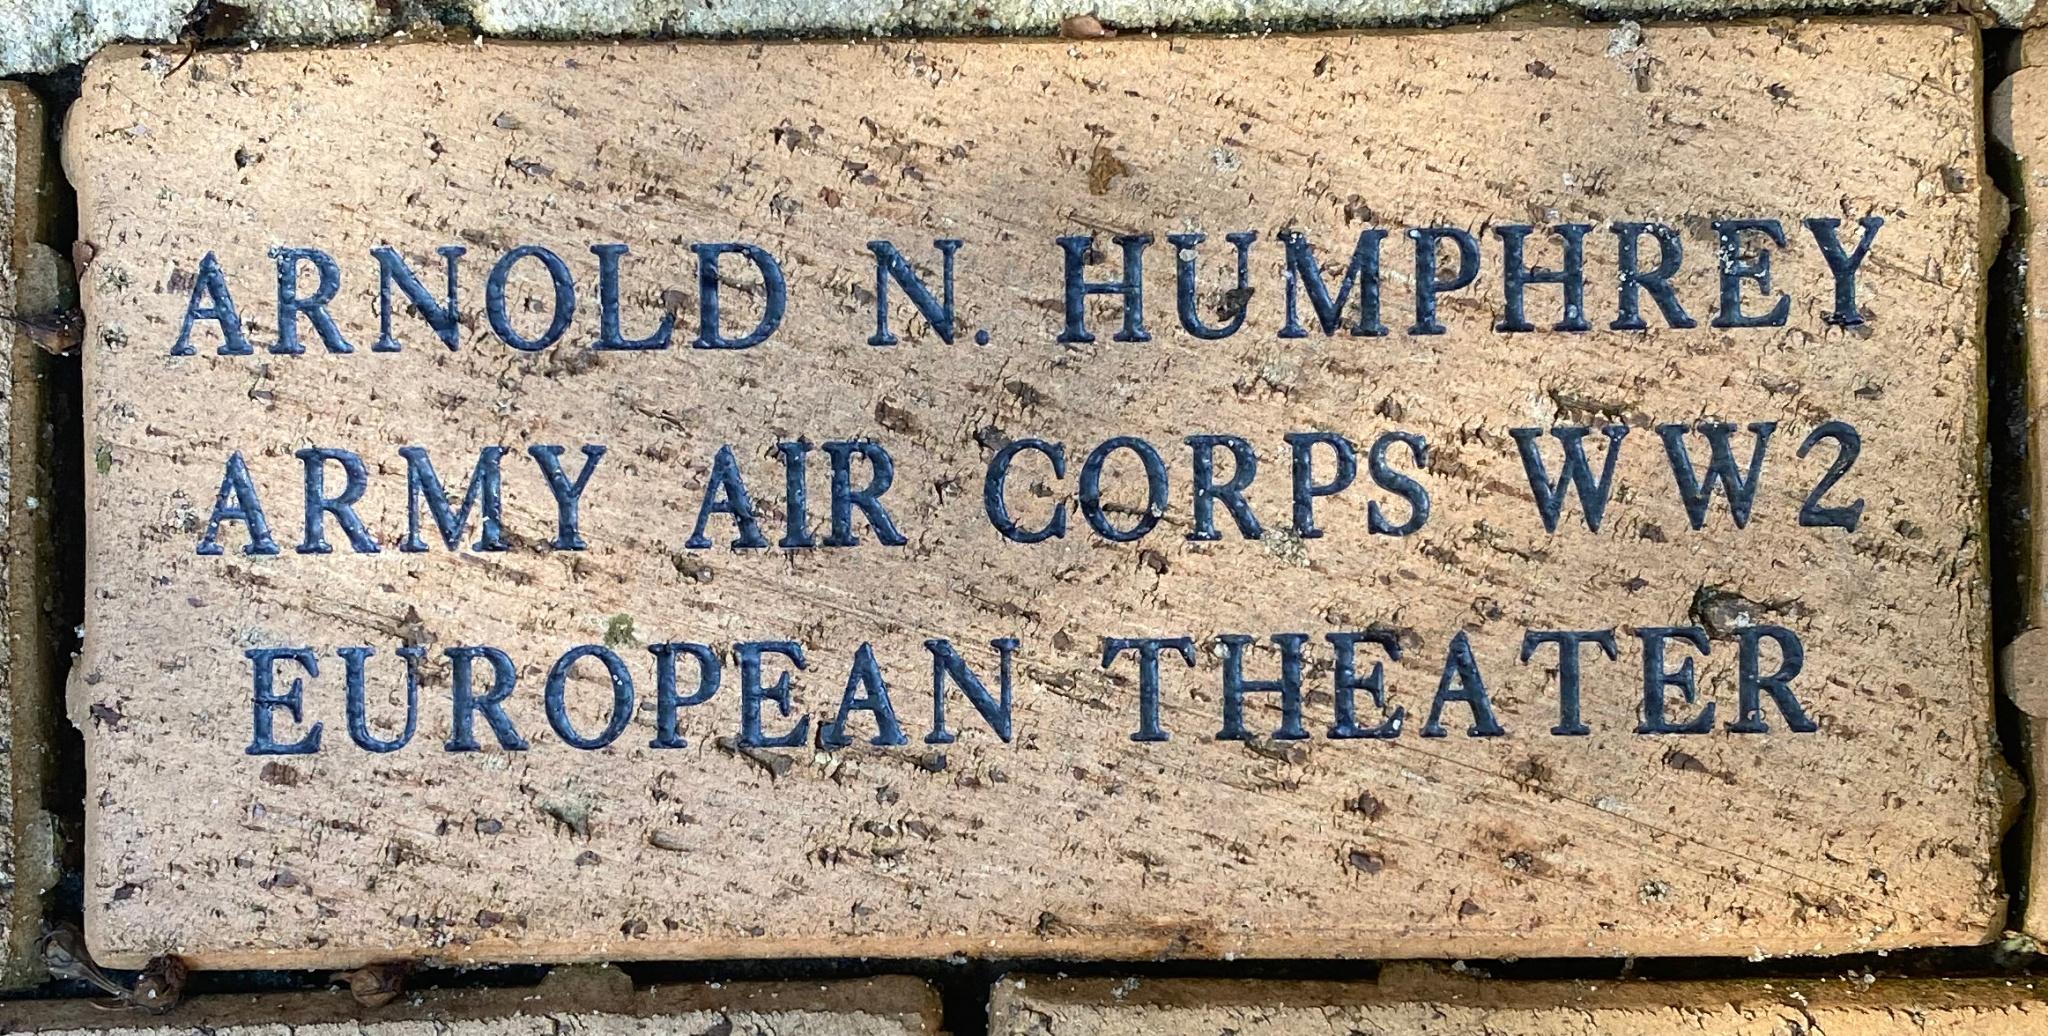 ARNOLD N. HUMPHREY ARMY AIR CORPS WW2 EUROPEAN THEATER